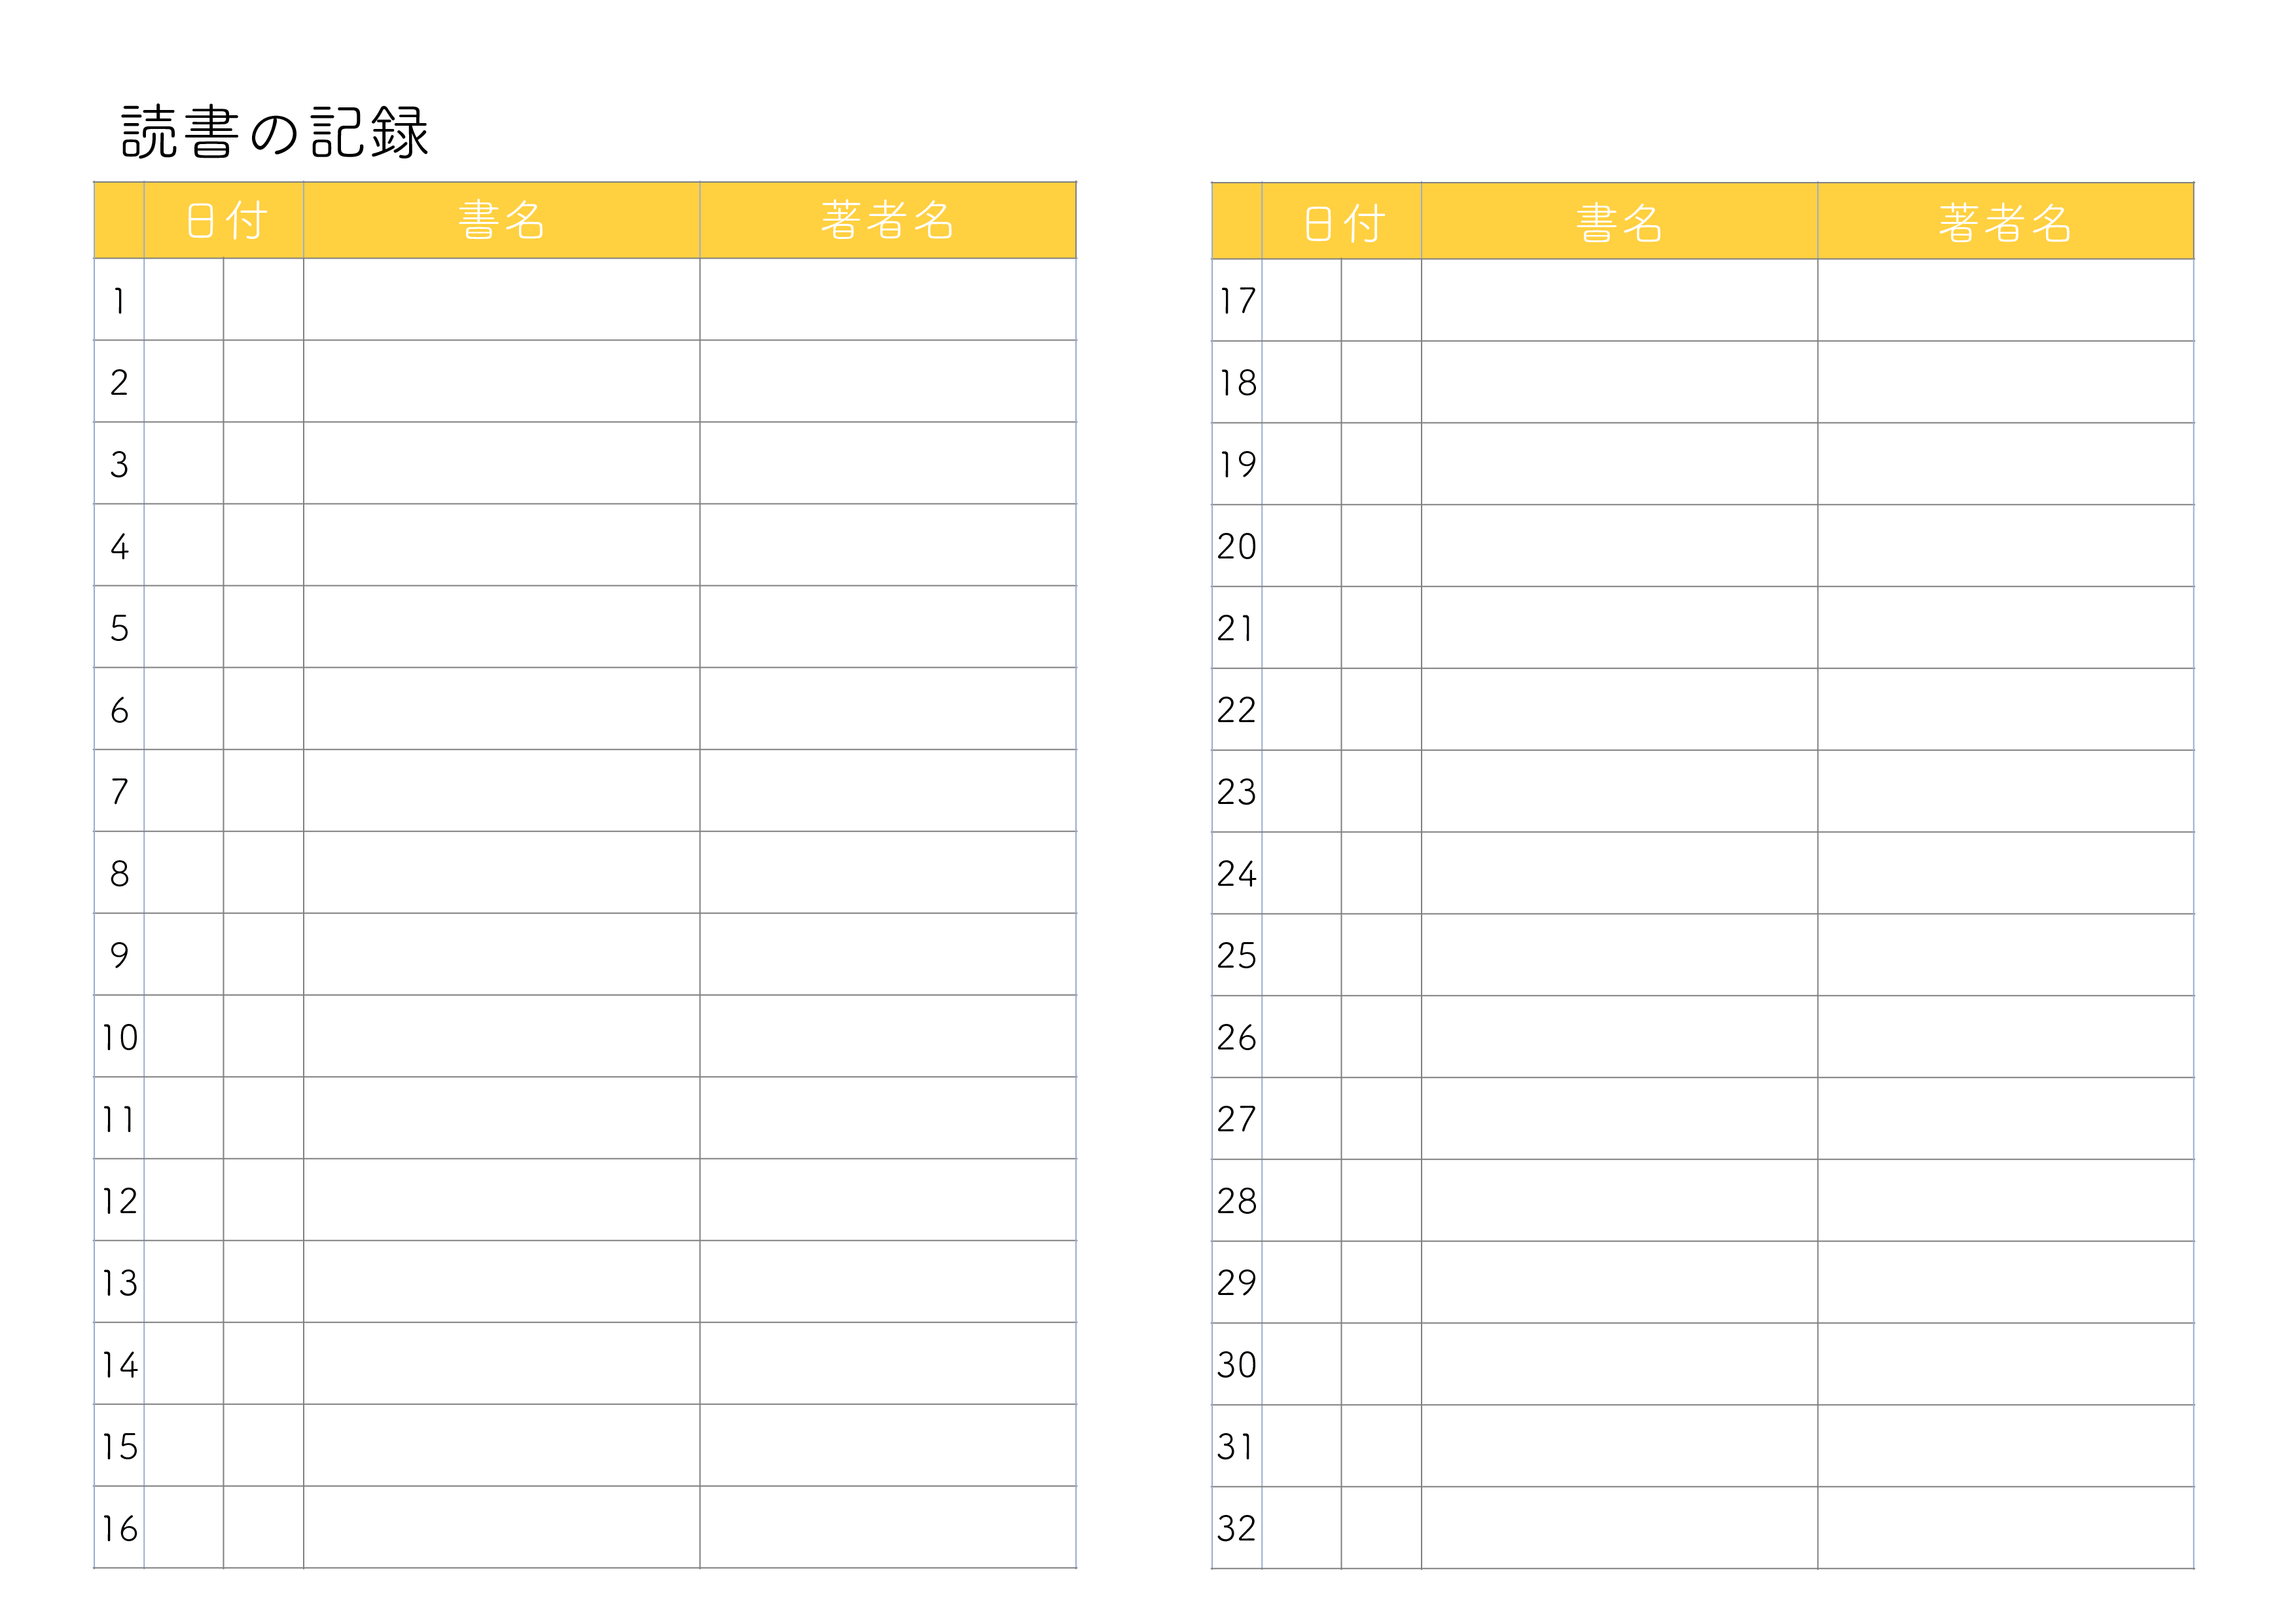 32冊分!読書の記録 テンプレート(ワード・ページズ)横型 イエロー